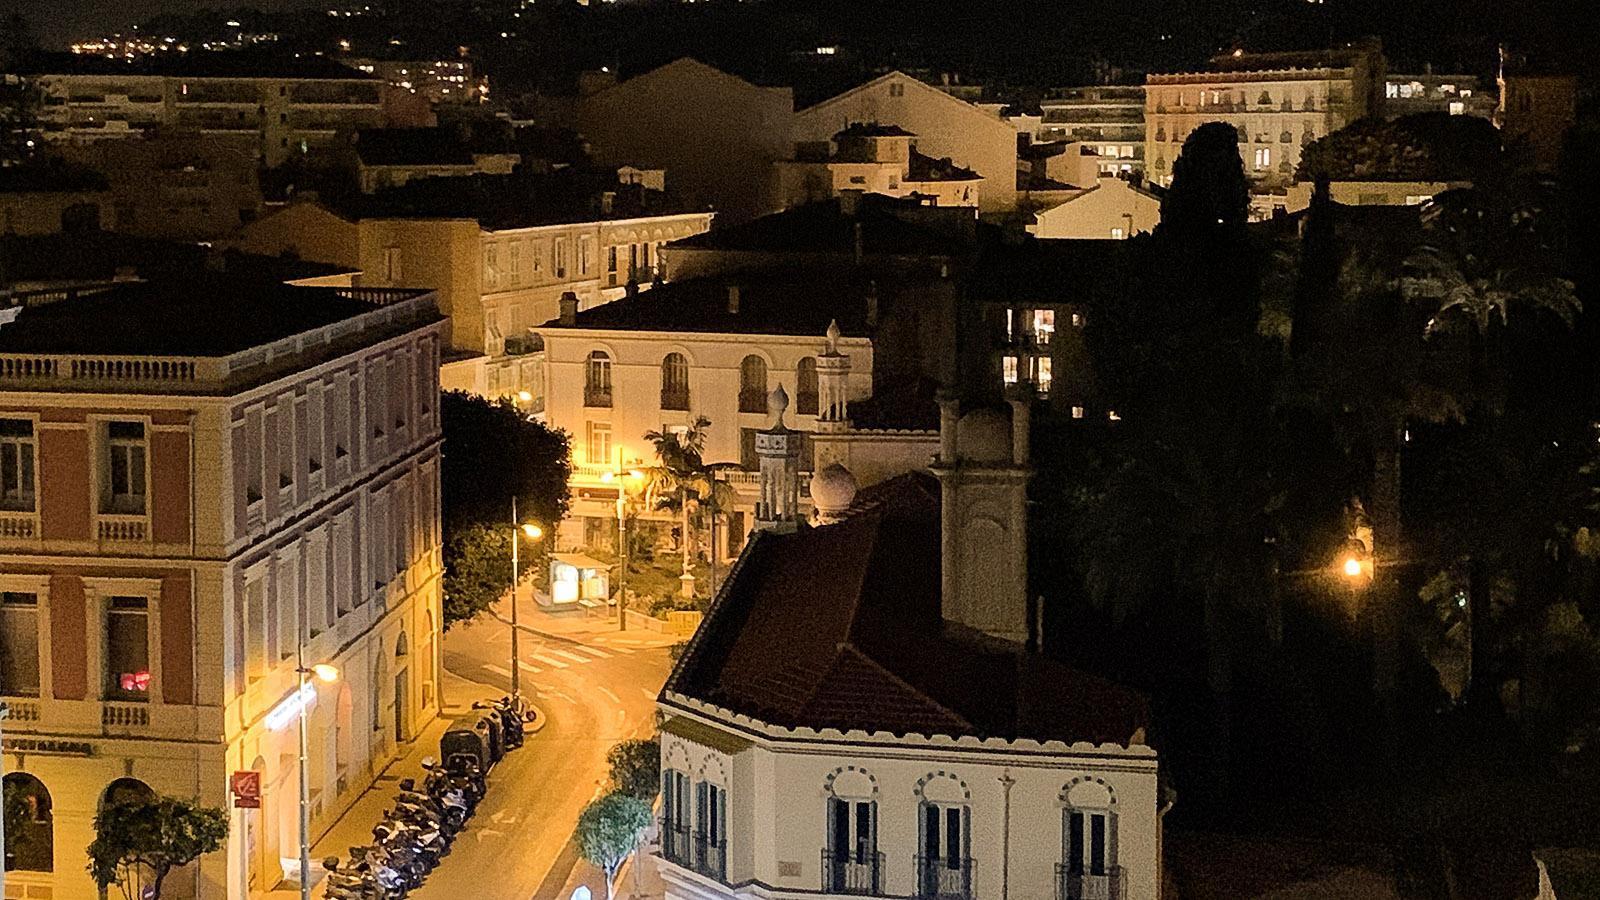 Fete du Citron. Menton bei Nacht - von der Dachterrasse des Hotels. Foto: Hilke Maunder